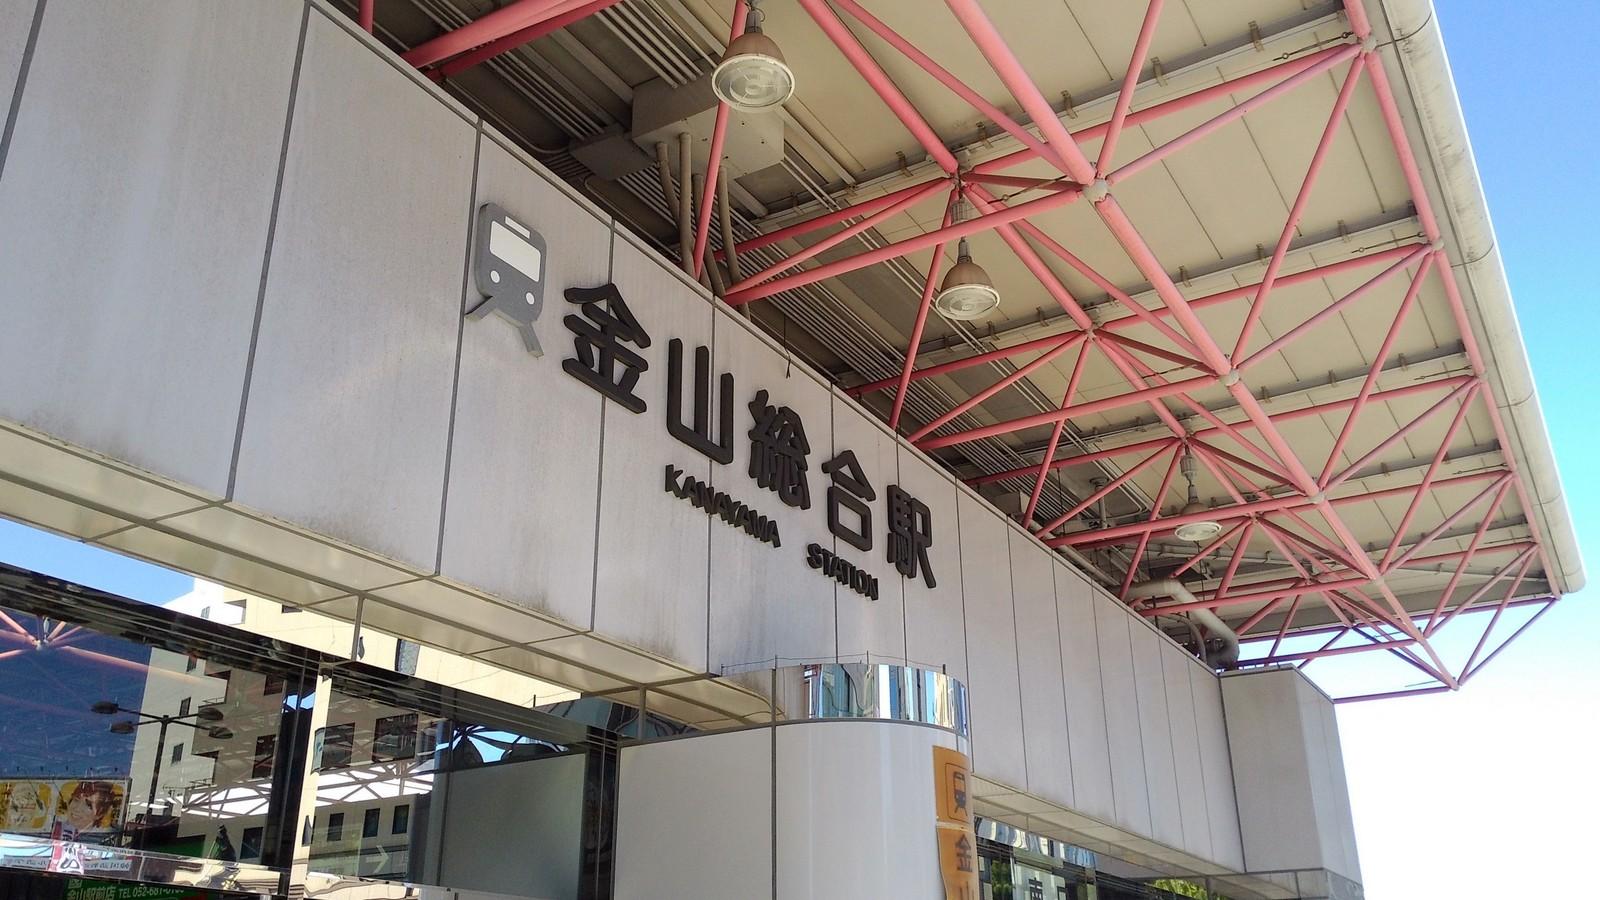 [愛知 名古屋] 金山駅到日本中部國際空港 - 不再迷路搭錯車的必備資訊! - 愛日研